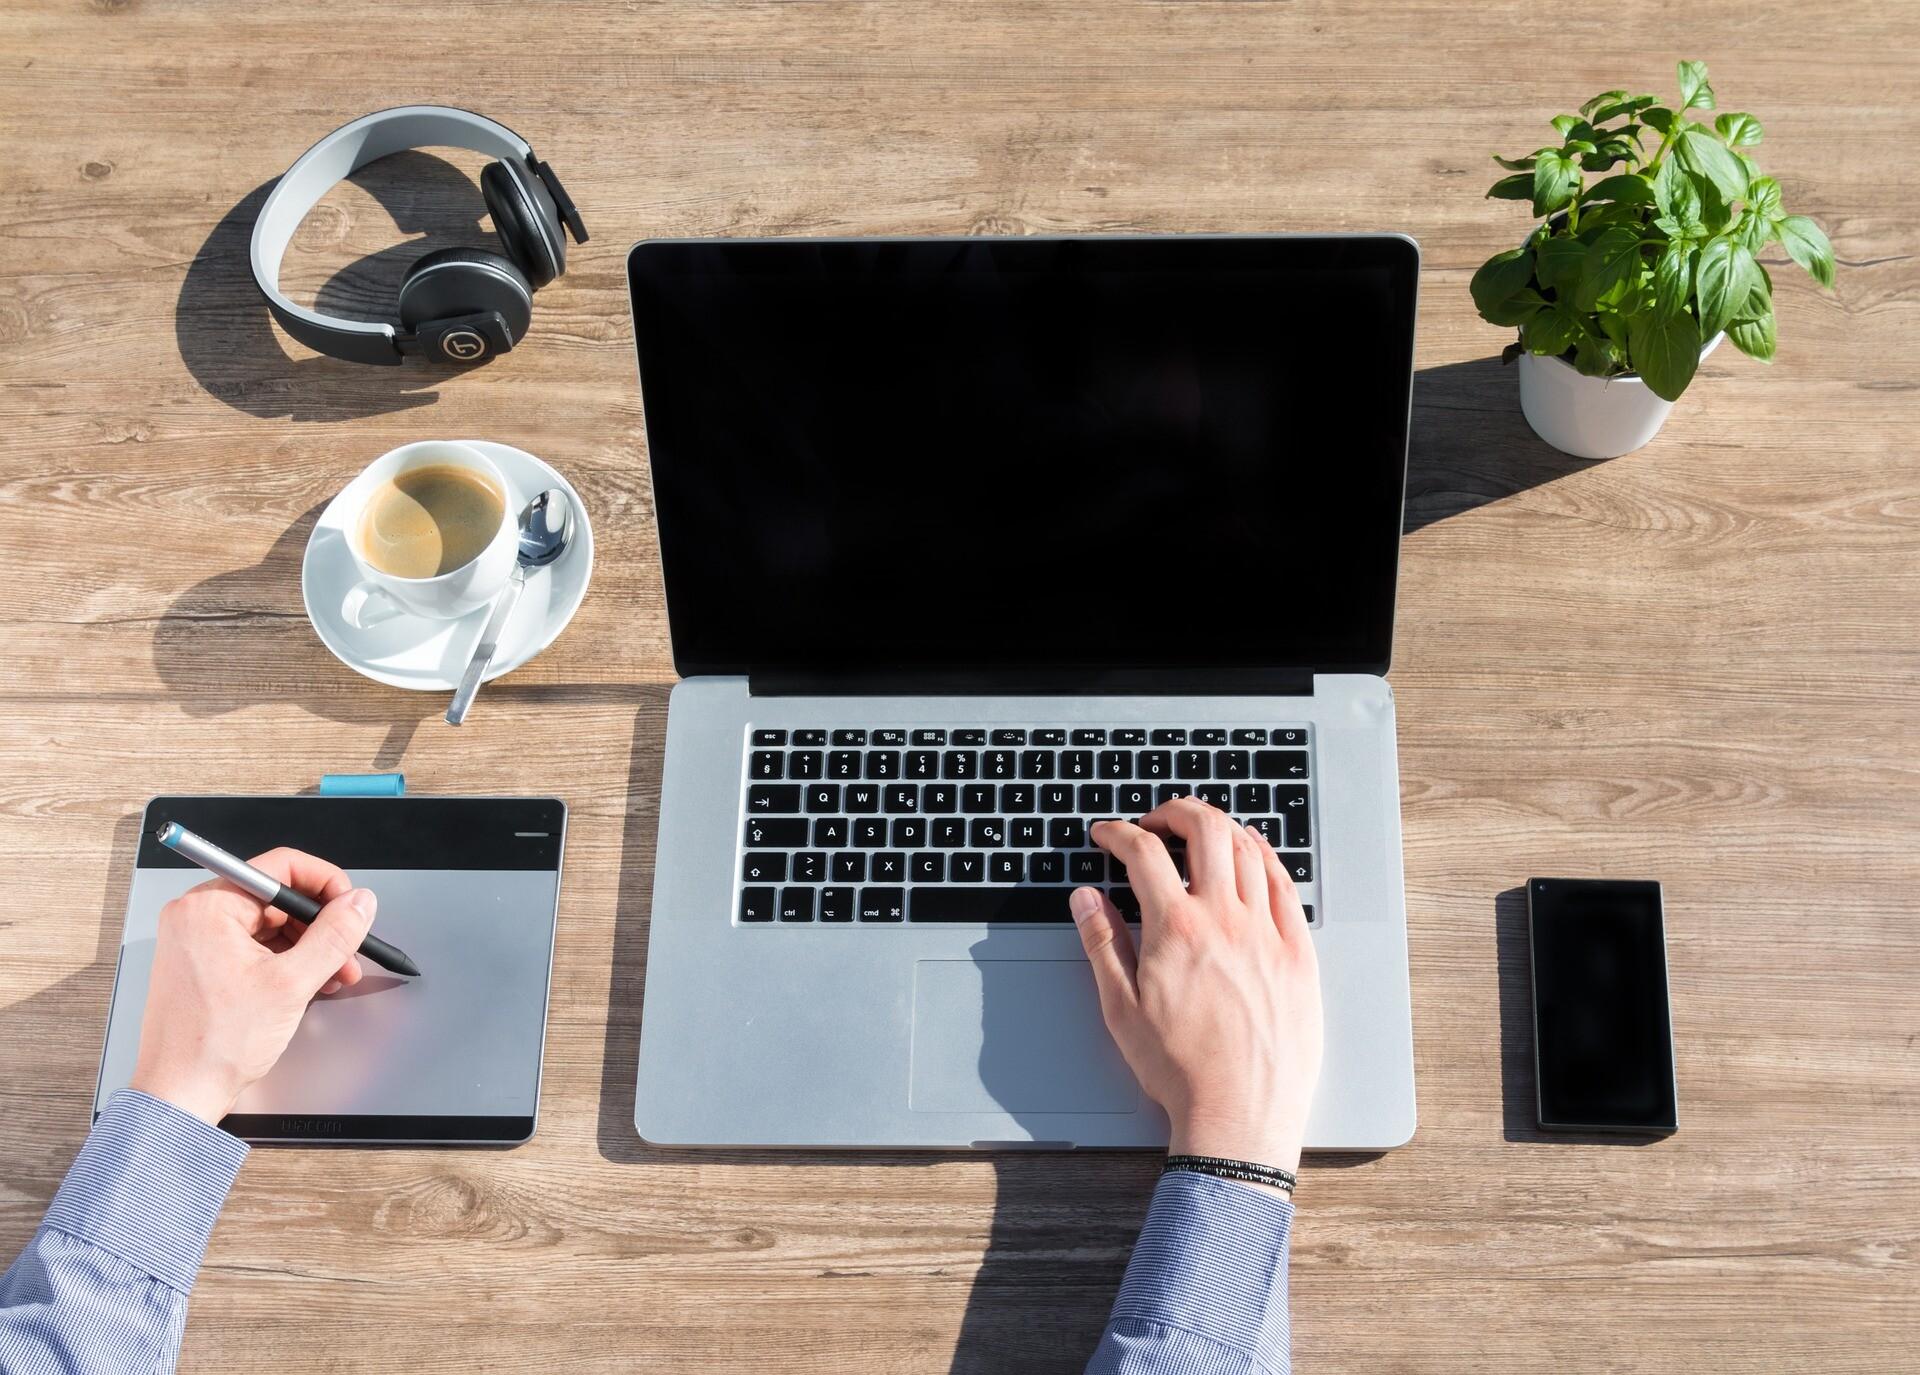 Ein Mediengestalter sitzt an einem Laptop und bedient mit der linken Hand ein digitales Zeichengerät - Barrierefreies Webdesign von distriko